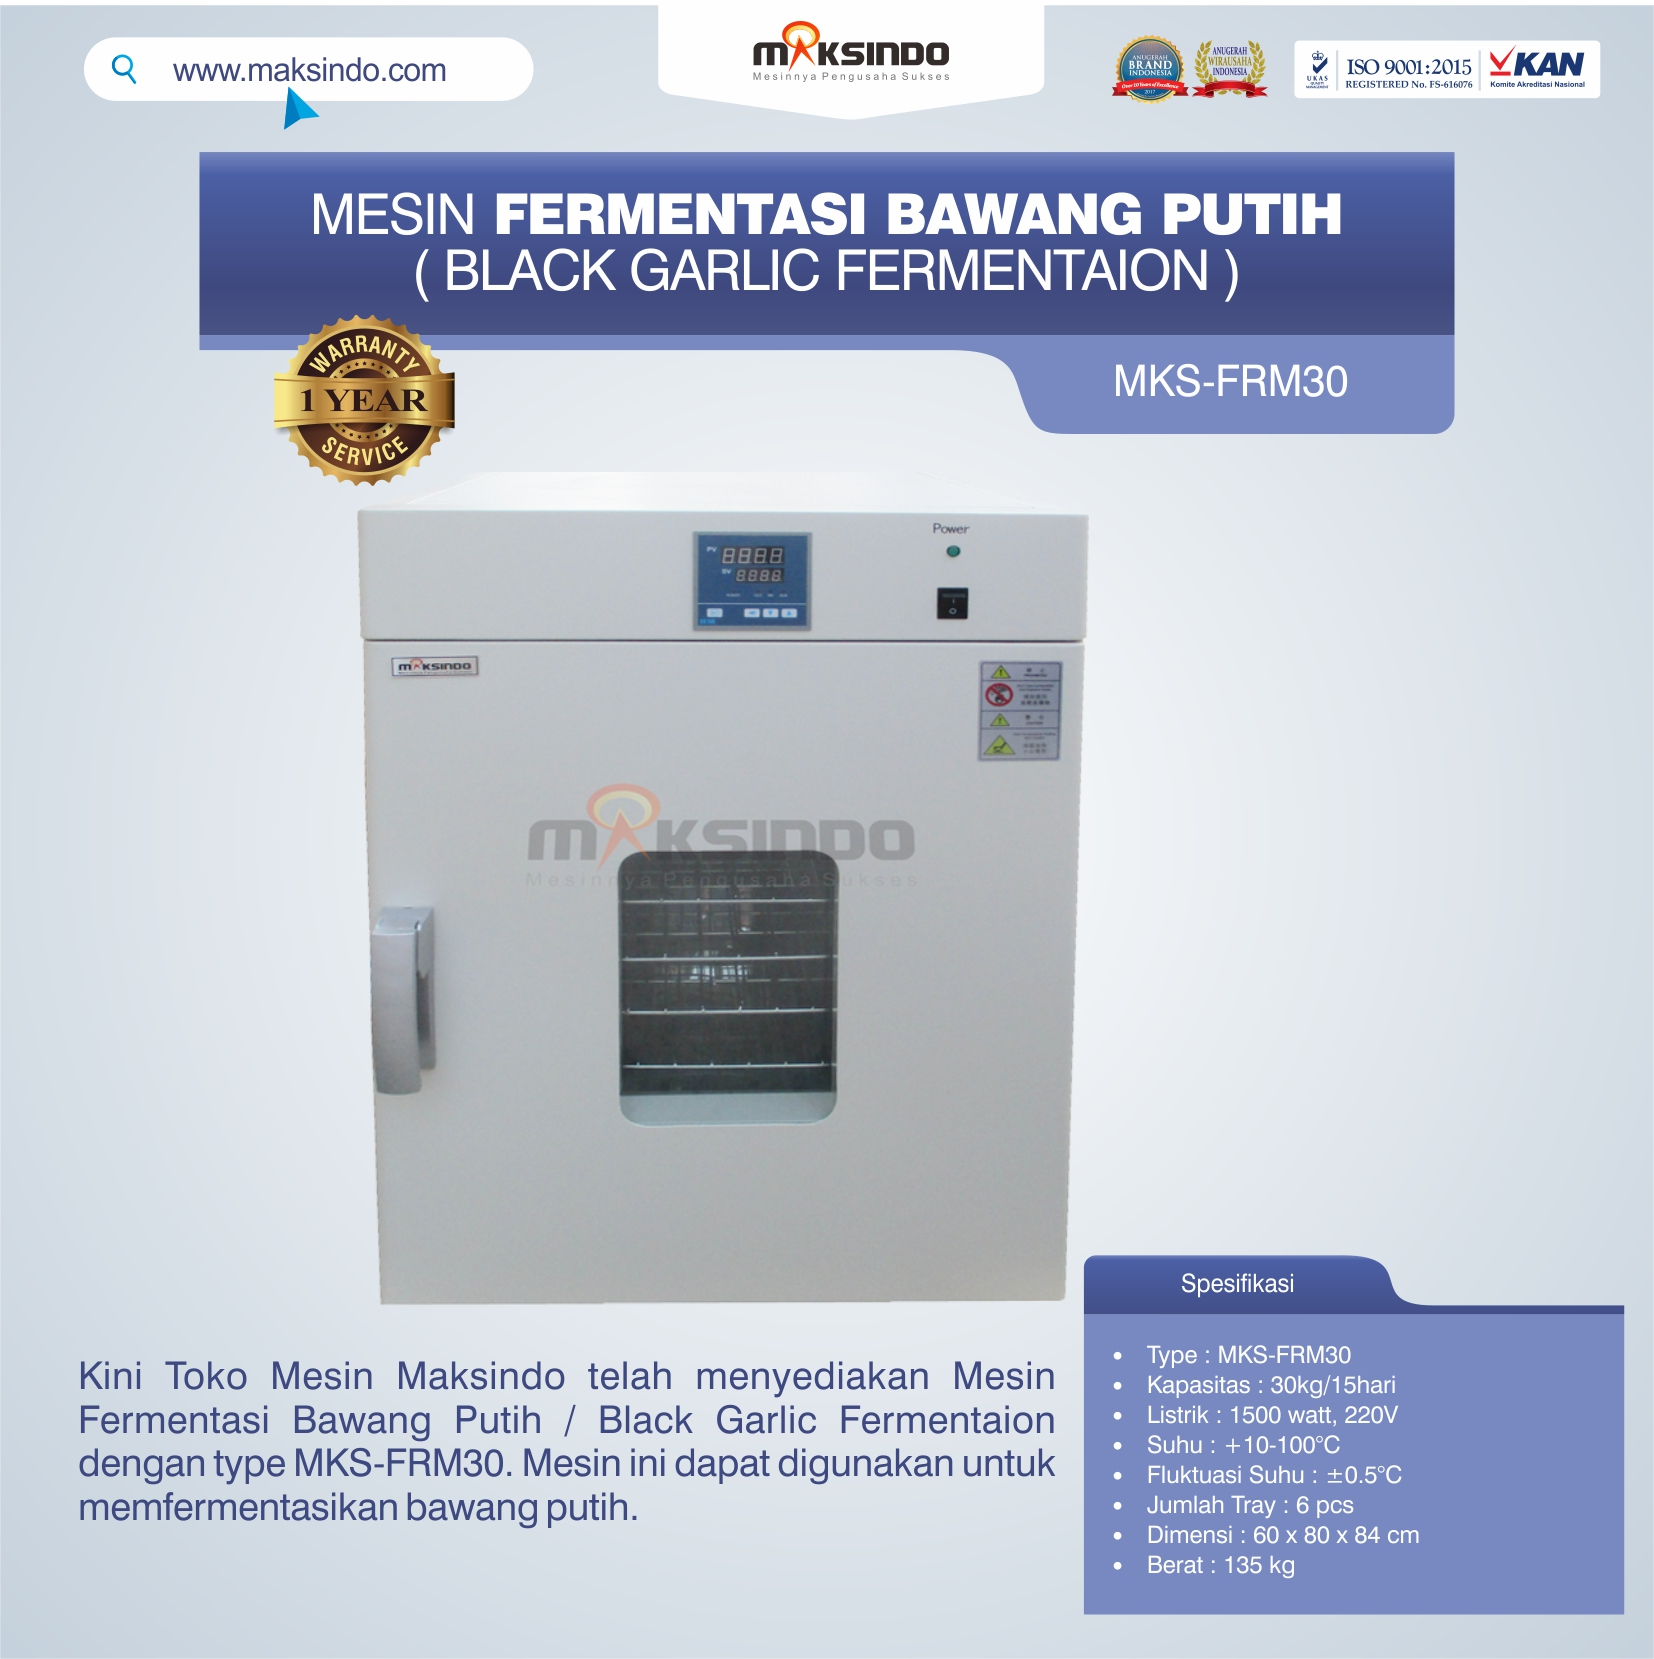 Jual Mesin Fermentasi Bawang Putih / Black Garlic Fermentaion MKS-FRM30 di Pekanbaru